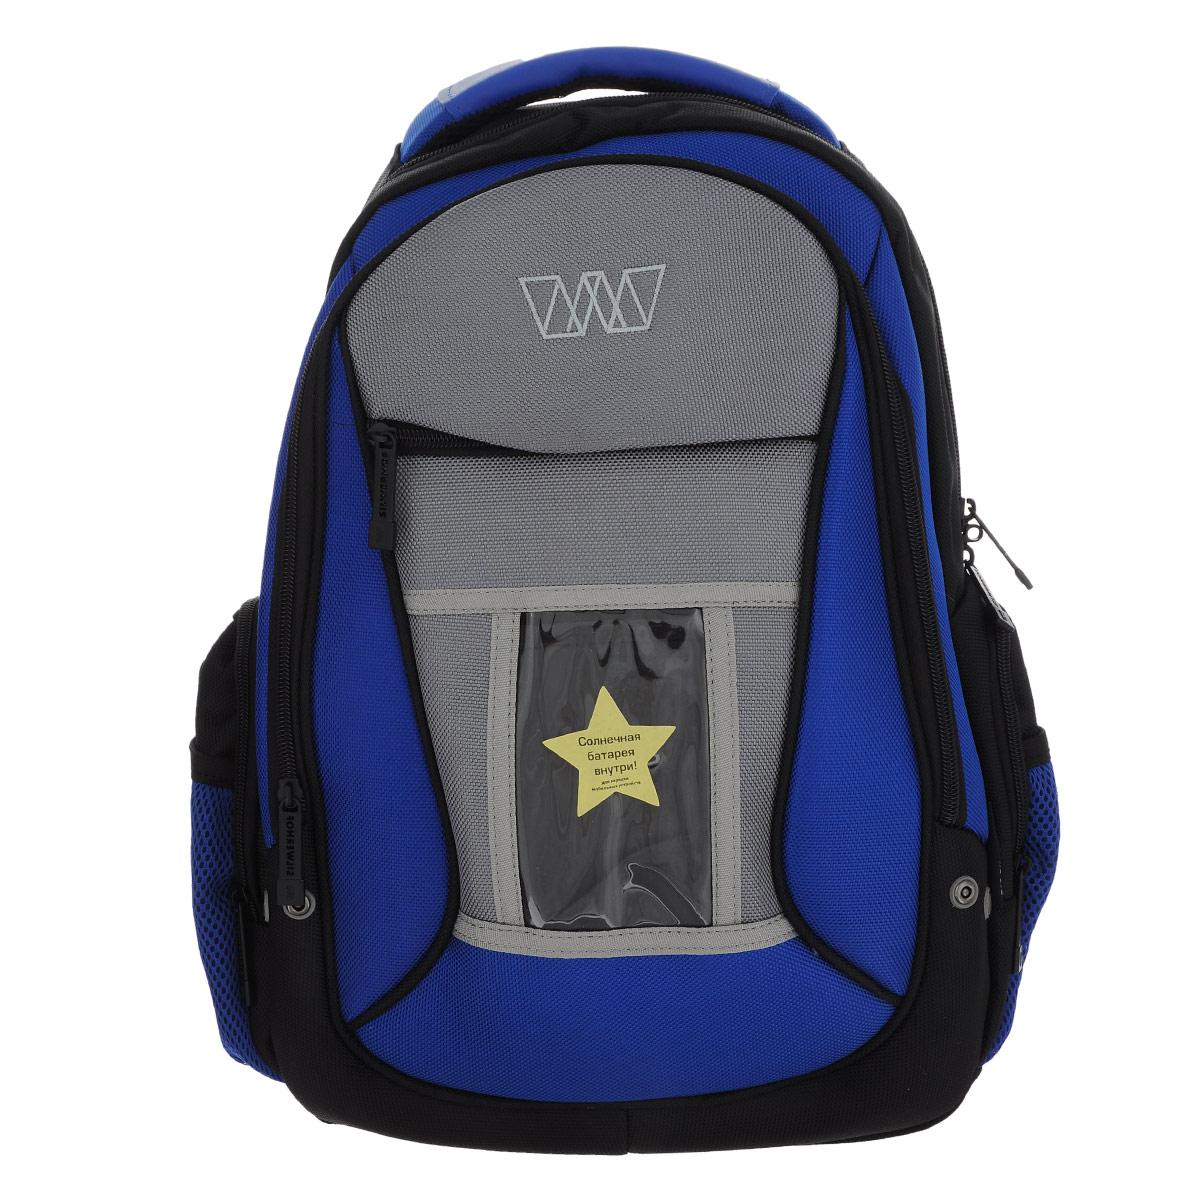 Рюкзак молодежный Silwerhof Reload, цвет: серый, синий830691Рюкзак молодежный Silwerhof Reload выполнен из прочного водоотталкивающего полиэстера черного и серого цвета. Рюкзак дополнен солнечной батареей, соединительным кабелем и переходниками. Содержит одно вместительное отделение, закрывающееся на застежку-молнию с двумя бегунками. Внутри разделитель на хлястике с липучкой и два открытых кармашка. На лицевой стороне рюкзака расположены два кармана, закрывающиеся на застежки-молнии, в одном из них окошко для солнечной батарейки, в другом два открытых накладных кармашка и два фиксатора для пишущих принадлежностей. По бокам рюкзак дополнен двумя накладными карманами на молнии и двумя открытыми кармашками на резинке. Спинка рюкзака уплотнена, что позволяет уменьшить нагрузку на позвоночник. Широкие мягкие лямки, регулируются по длине, равномерно распределяют нагрузку на плечевой пояс. Рюкзак оснащен удобной текстильной ручкой для переноски в руке. В комплекте с рюкзаком идет солнечная батарейка, соединительный кабель...